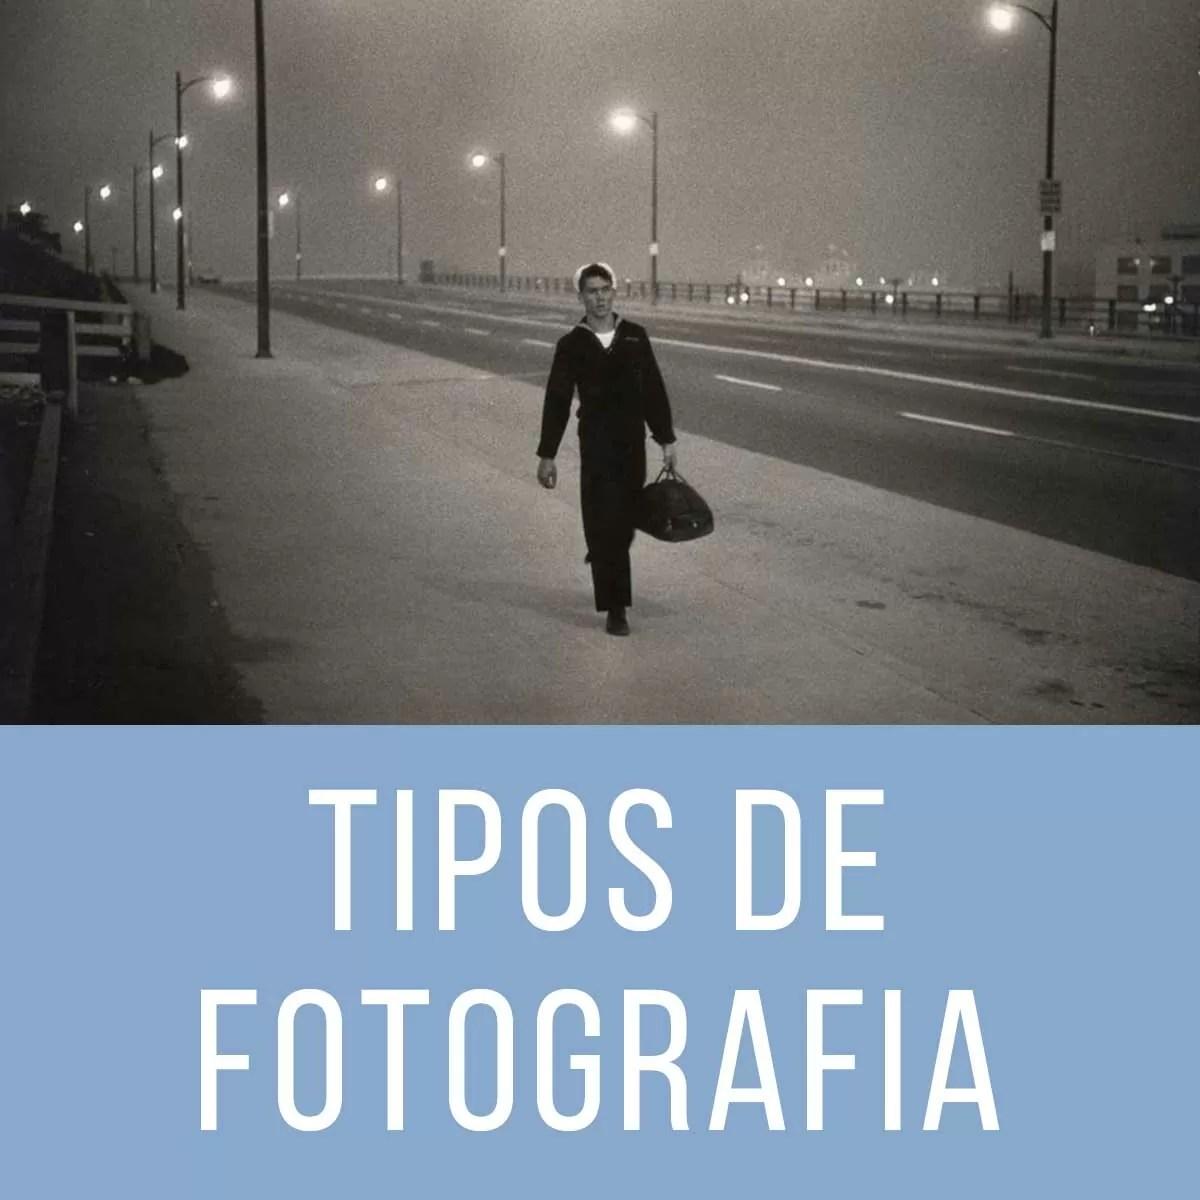 Los tipos de fotografia